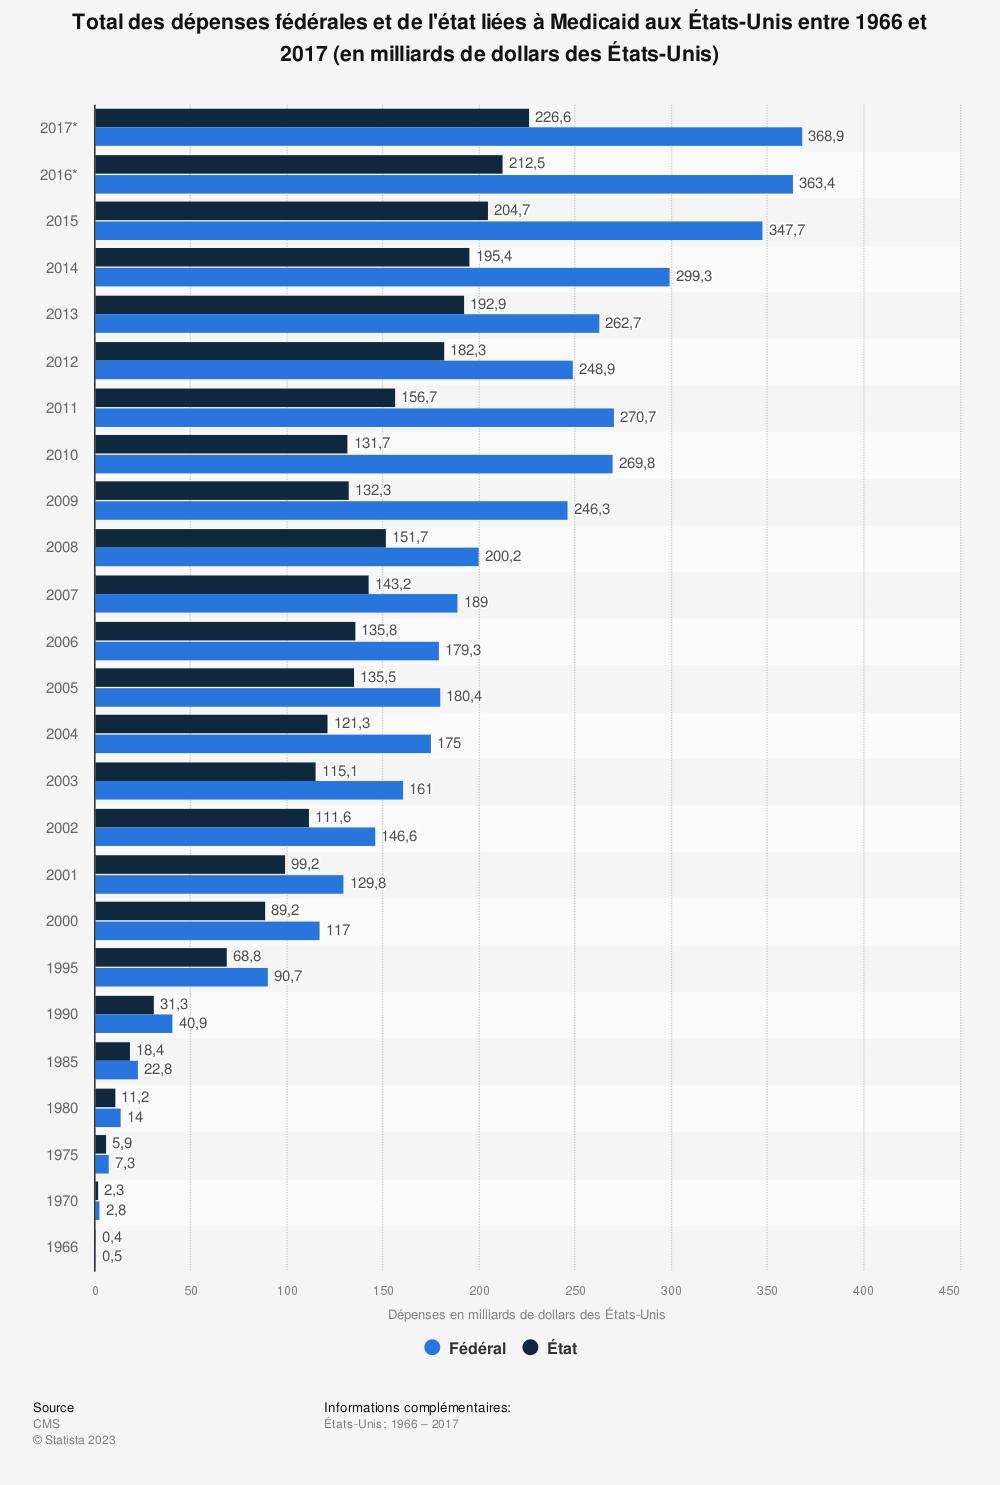 Statistique: Total des dépenses fédérales et de l'état liées à Medicaid aux États-Unis entre 1966 et 2017 (en milliards de dollars des États-Unis) | Statista